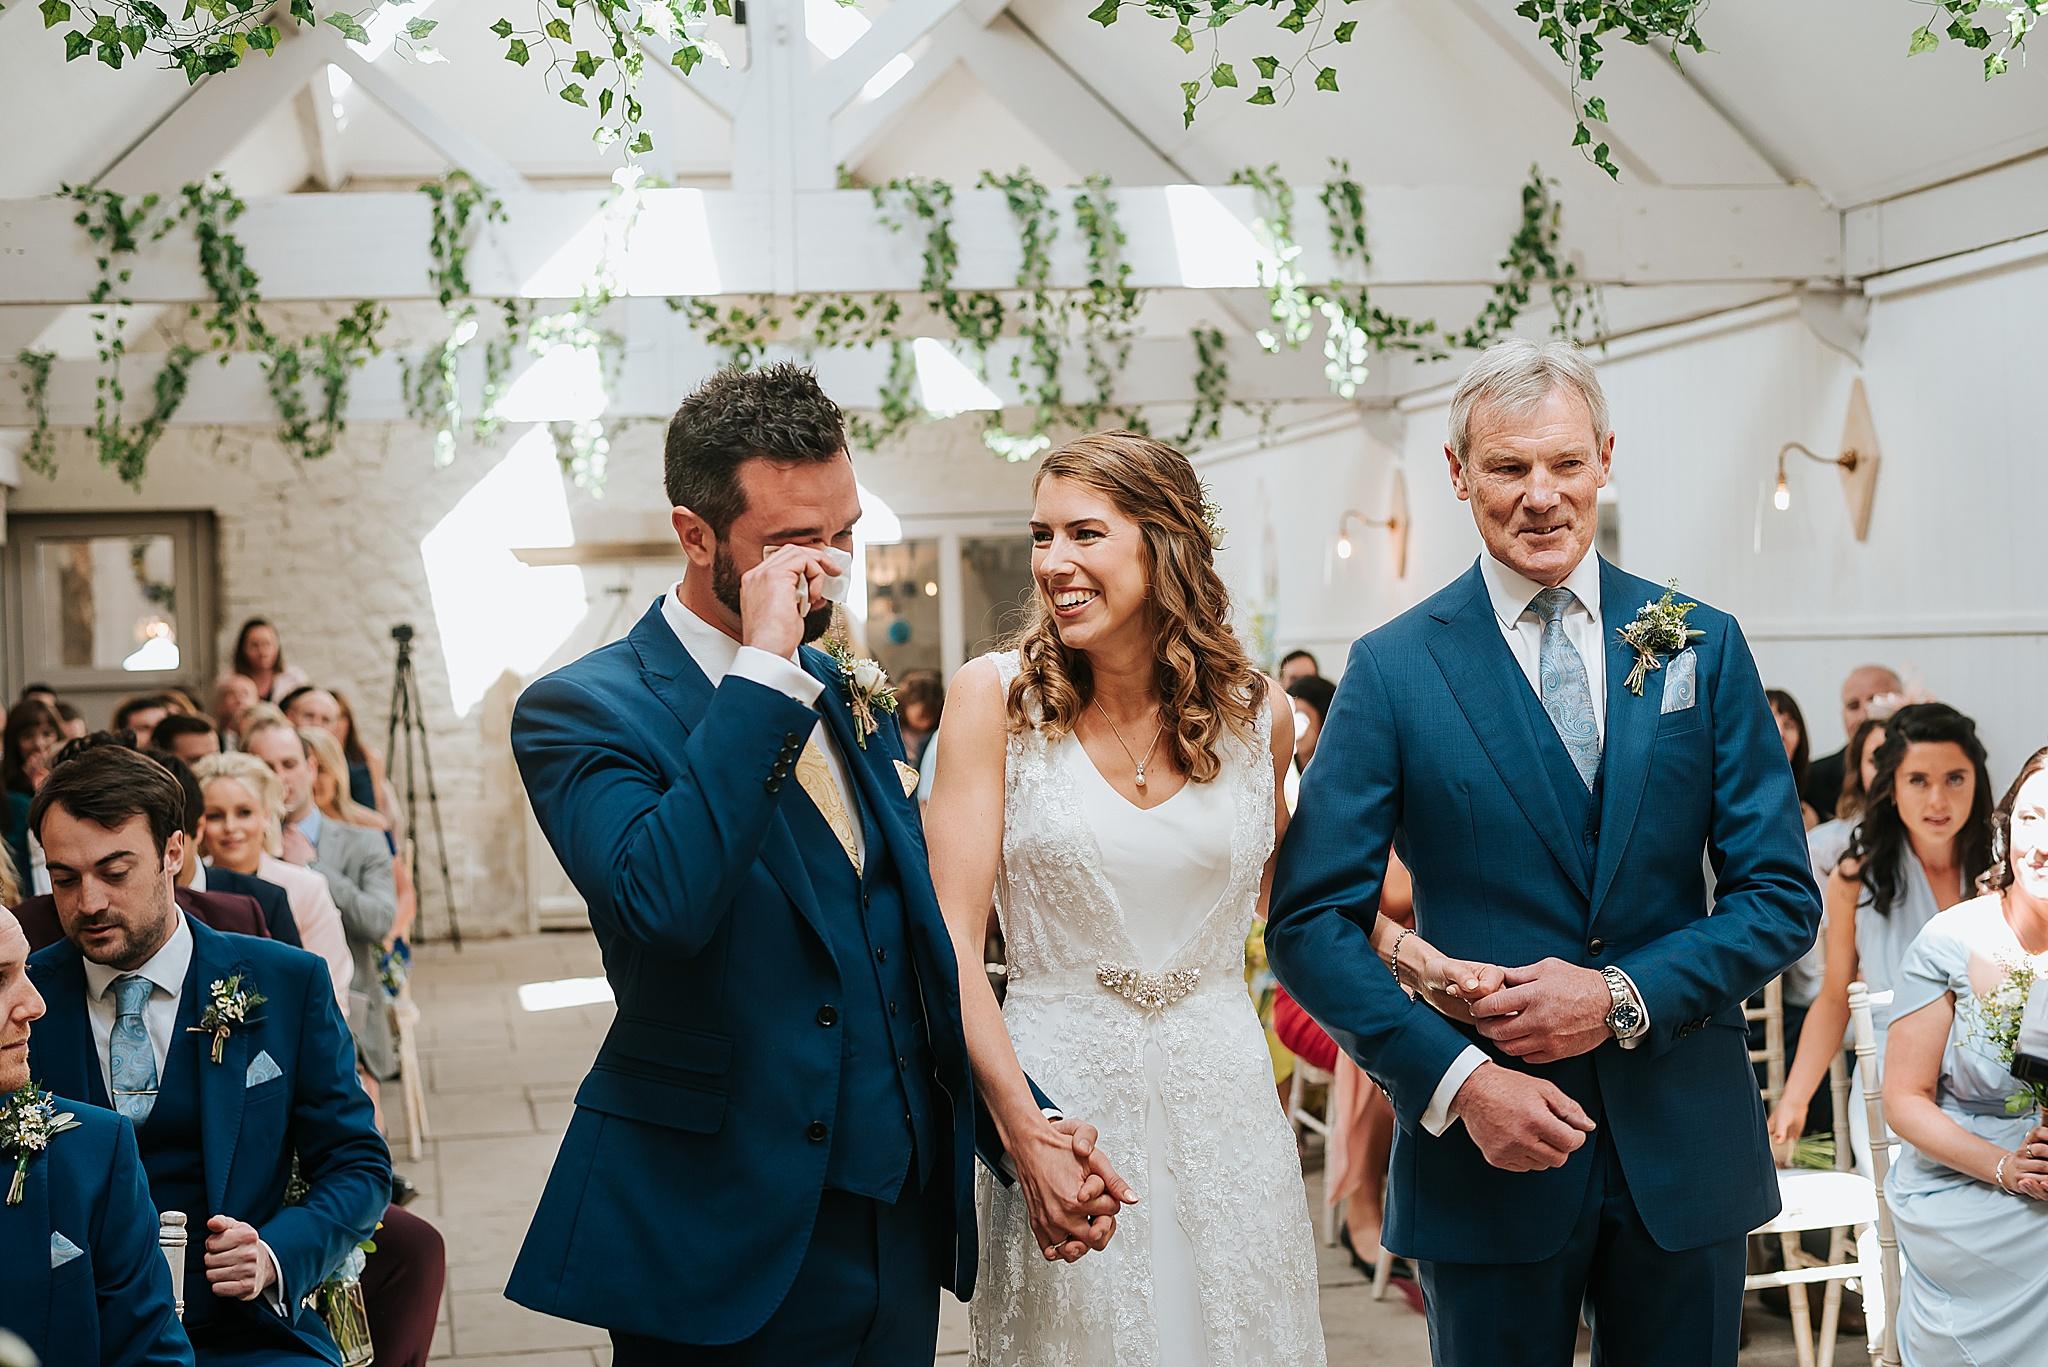 bride and groom at preston barn wedding venue